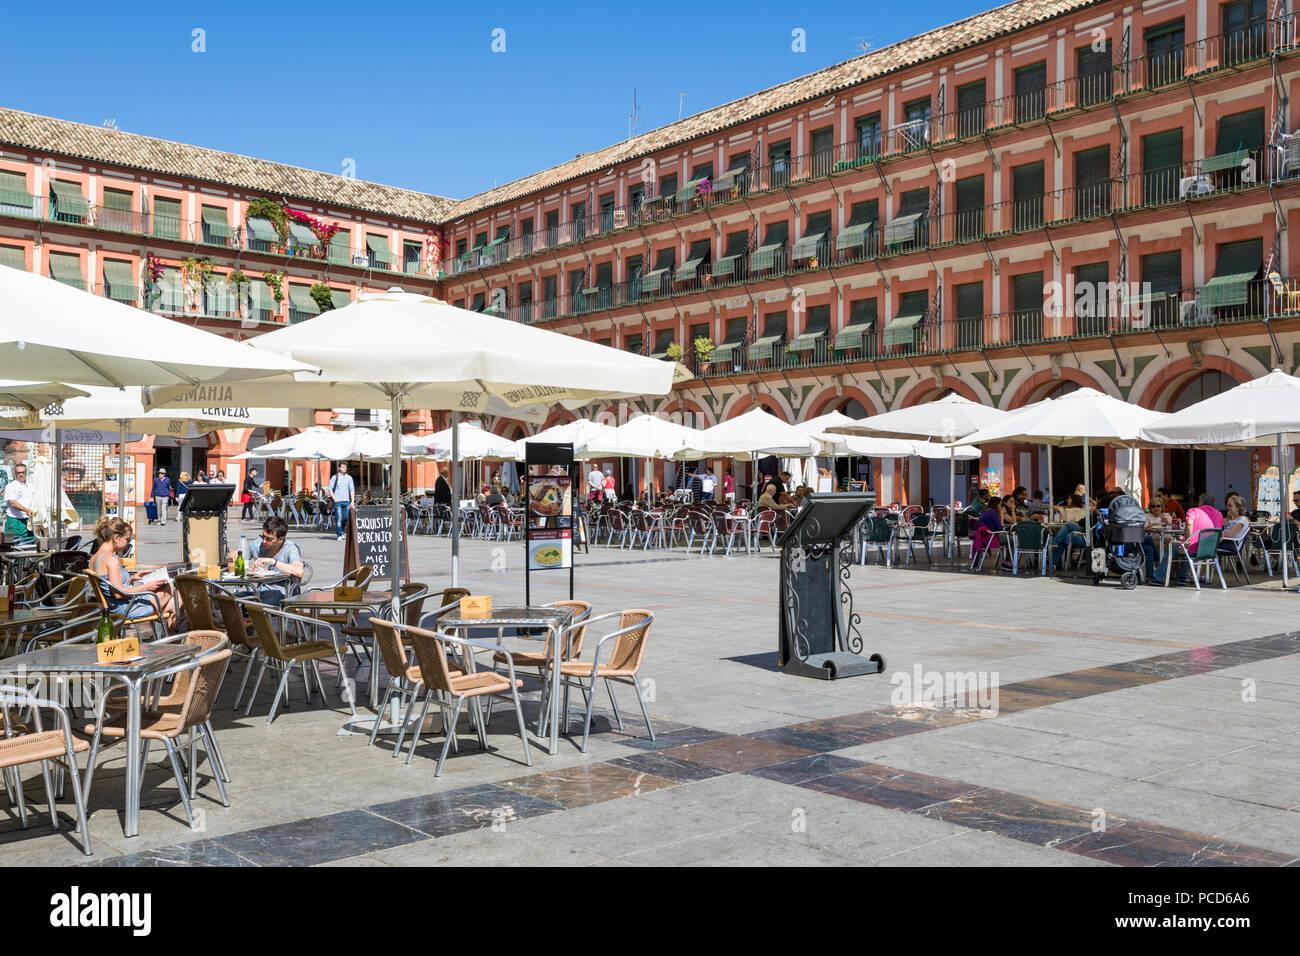 Cafeterías y restaurantes en la Plaza de la Corredera, Córdoba, Andalucía, España, Europa Imagen De Stock